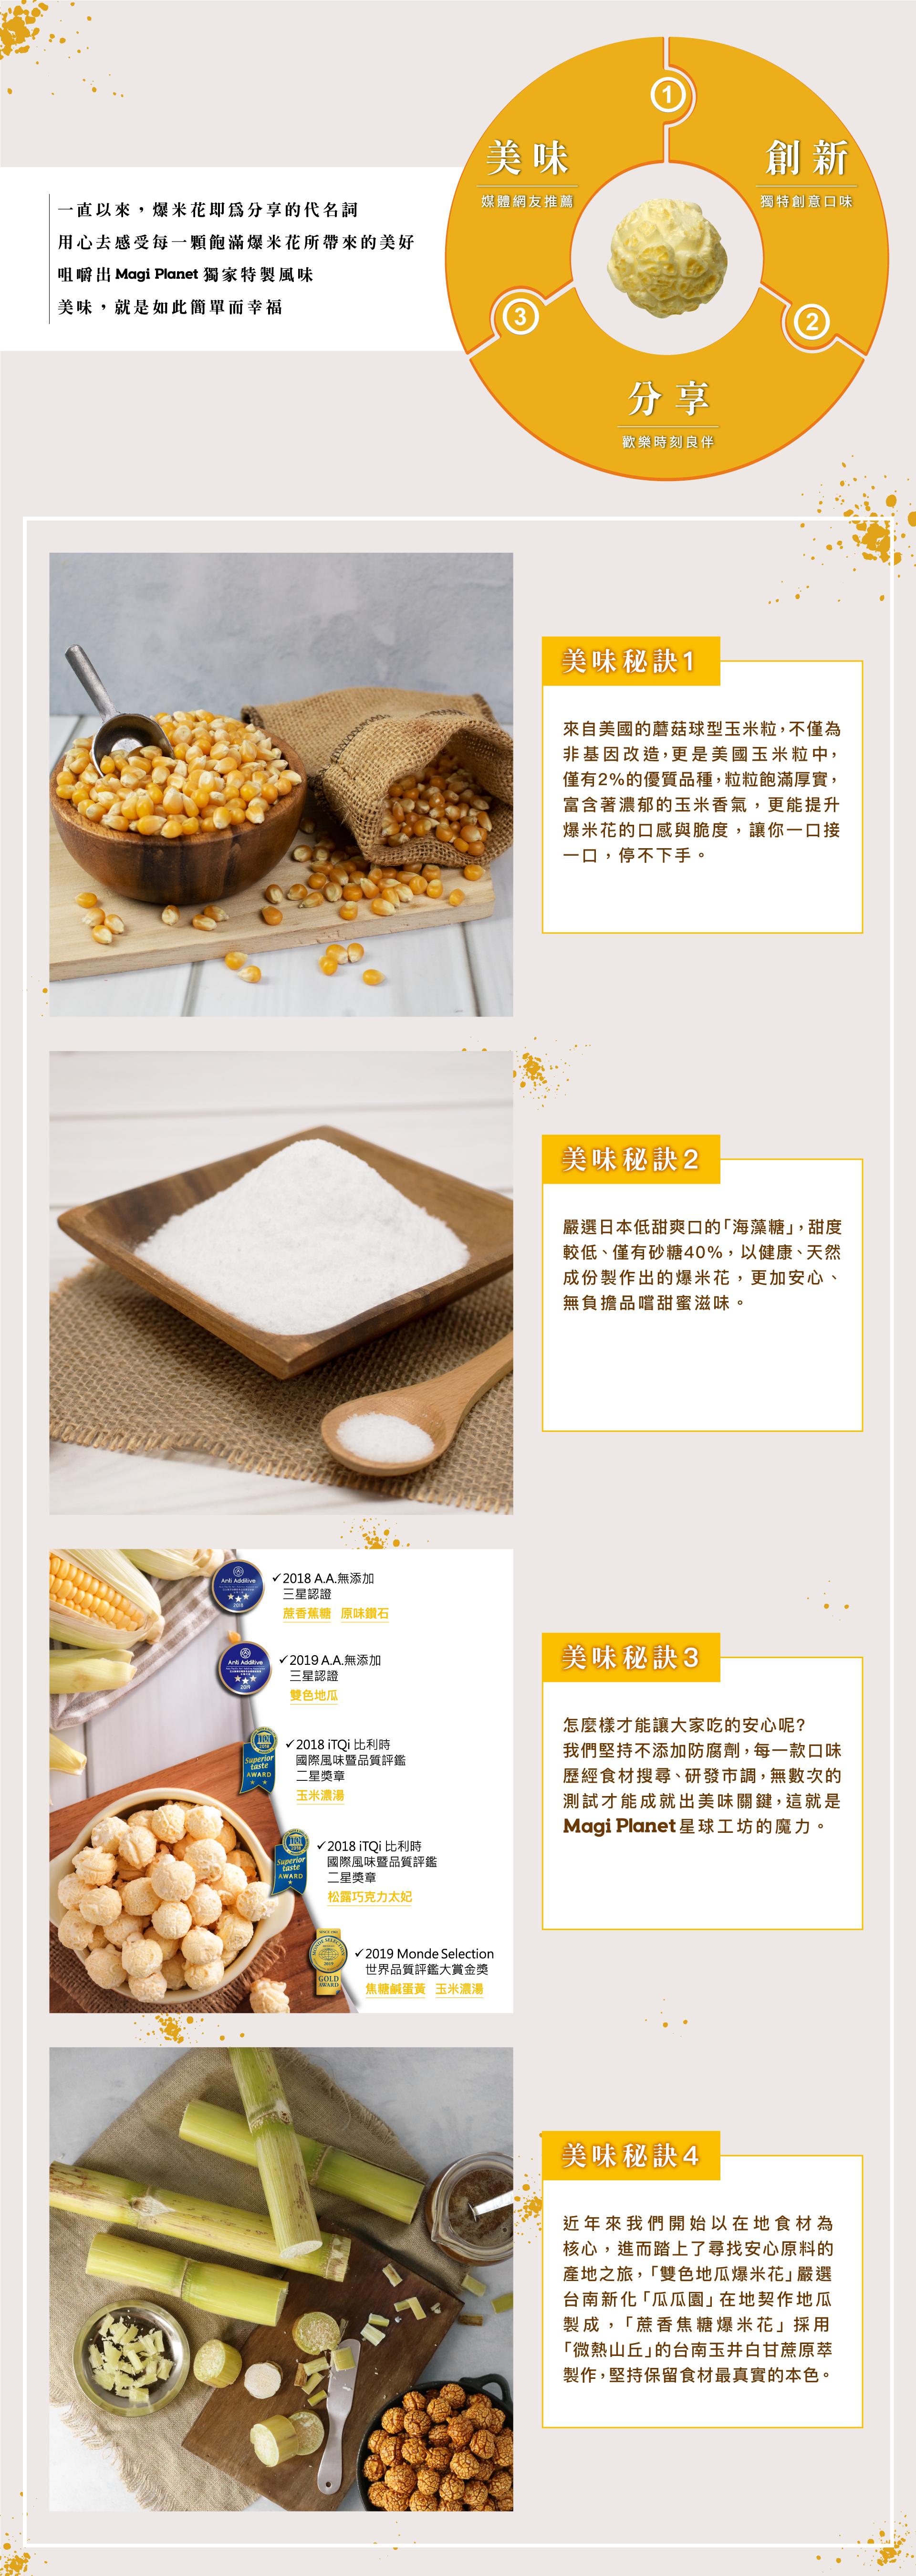 20200507_品牌營運_官網_素材調整(新版)-嚴選食材1